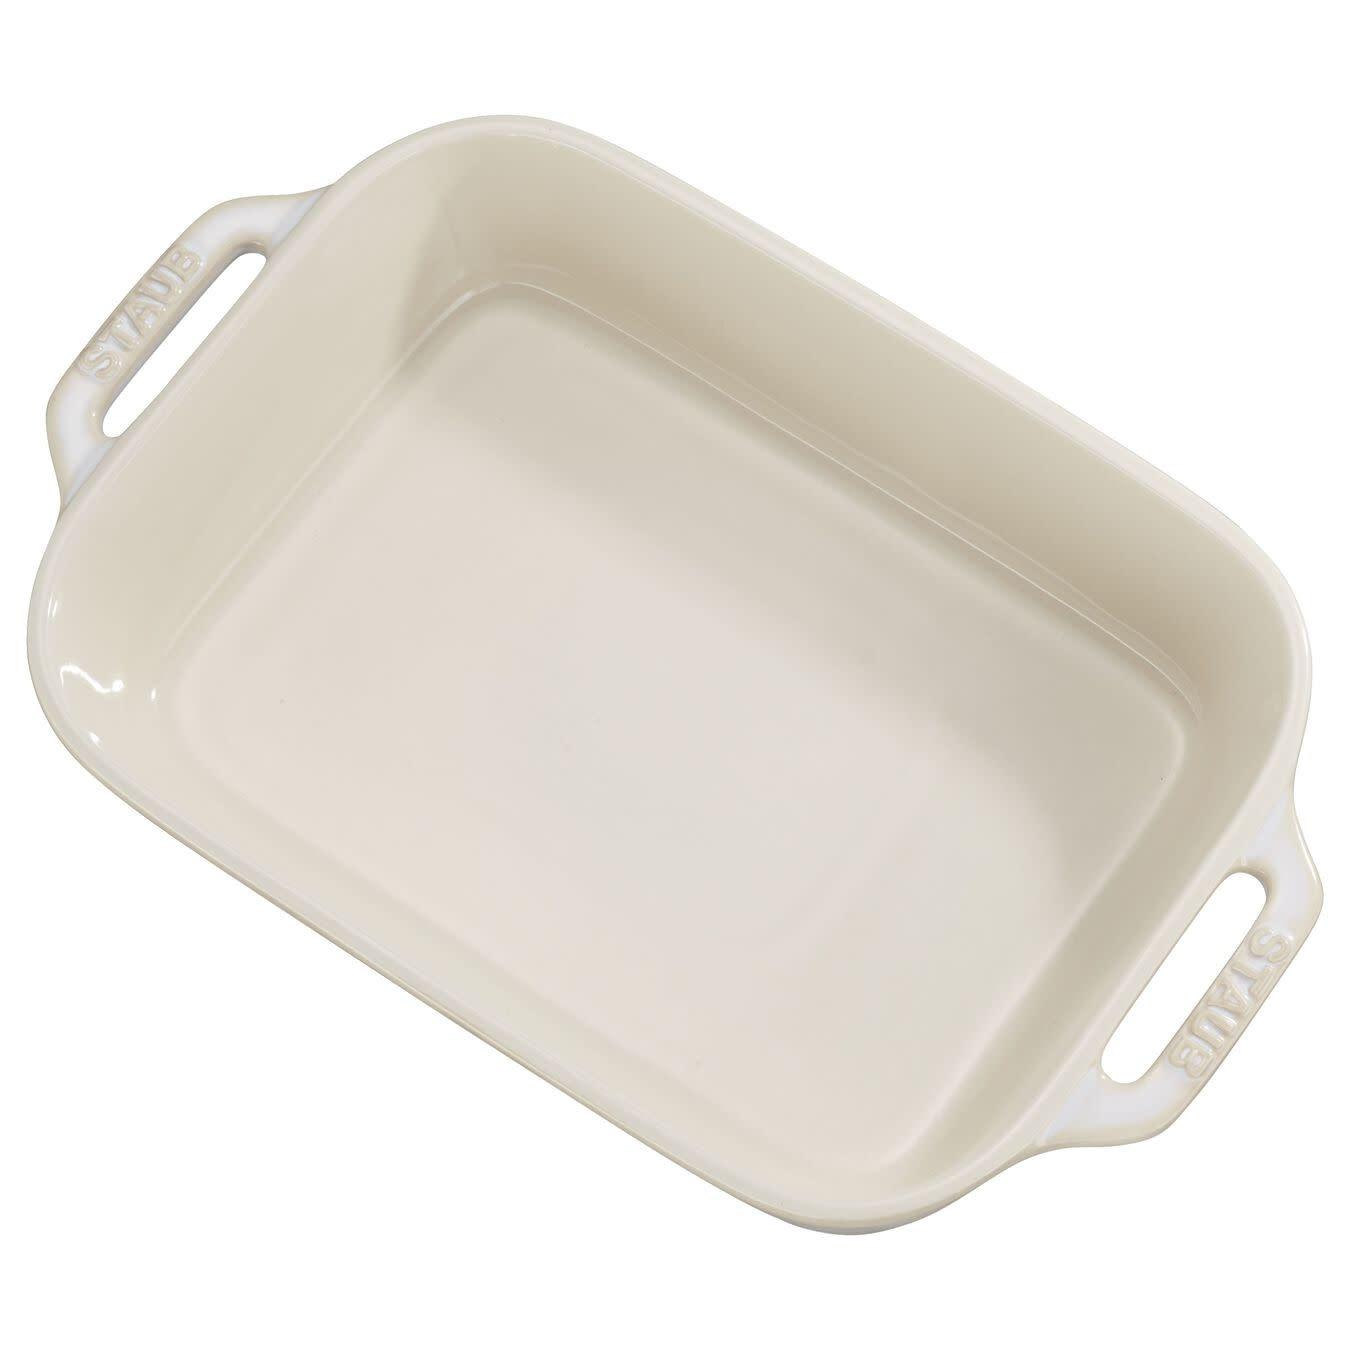 Staub Rectangular Dish Set 2pc Ivory White